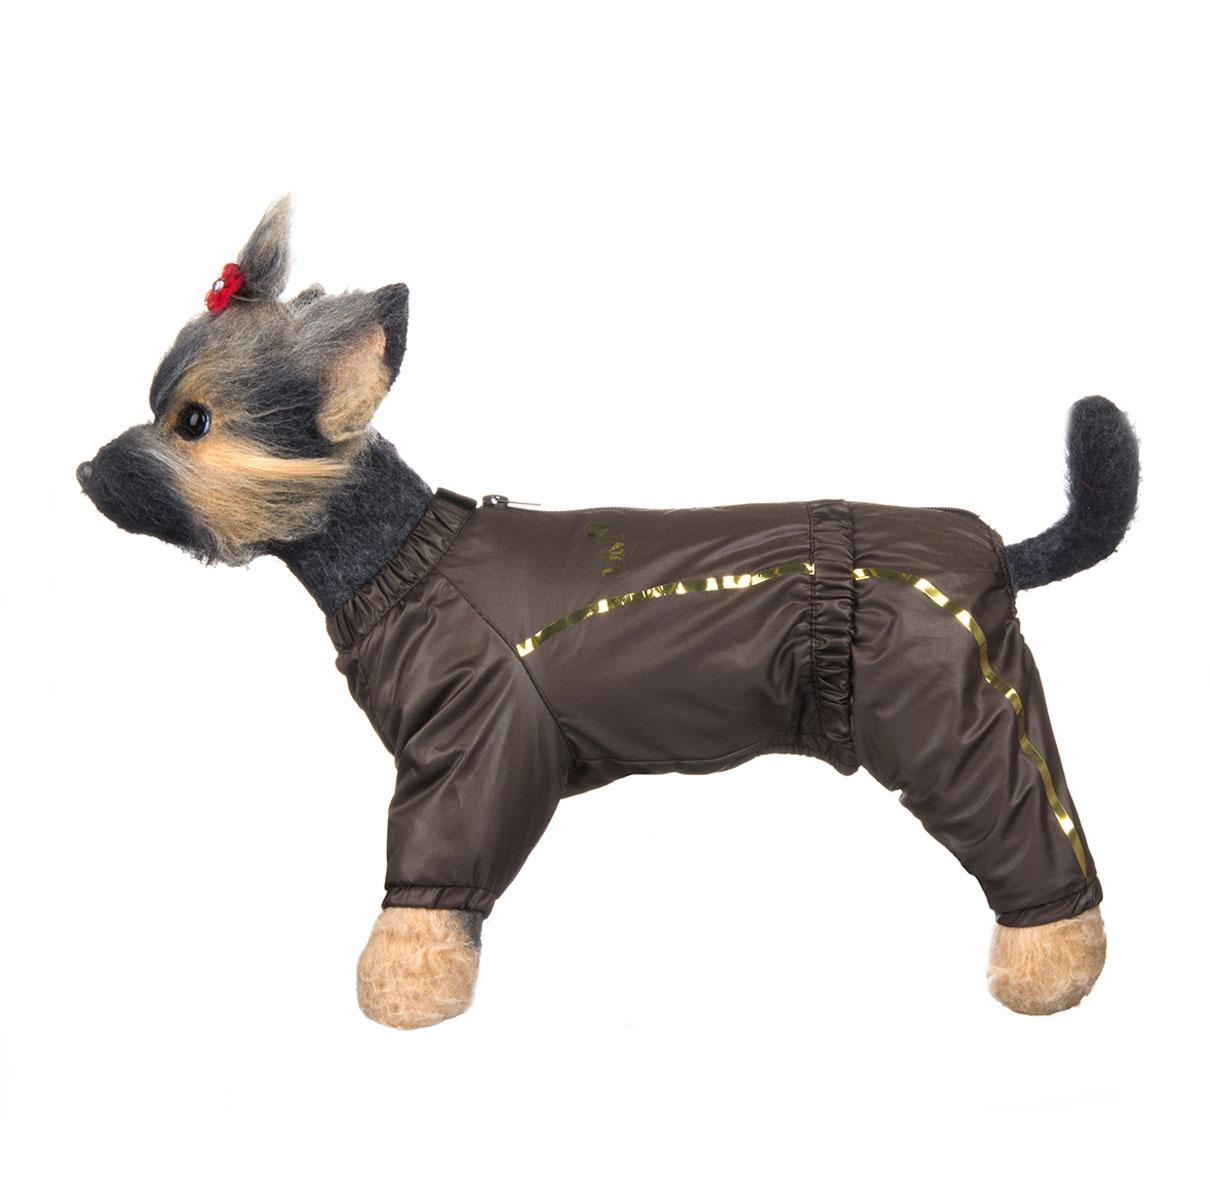 Комбинезон для собак Dogmoda Альпы, зимний, для мальчика, цвет: коричневый, бежевый. Размер 4 (XL) комбинезон для собак dogmoda doggs зимний для девочки цвет оранжевый размер xxxl